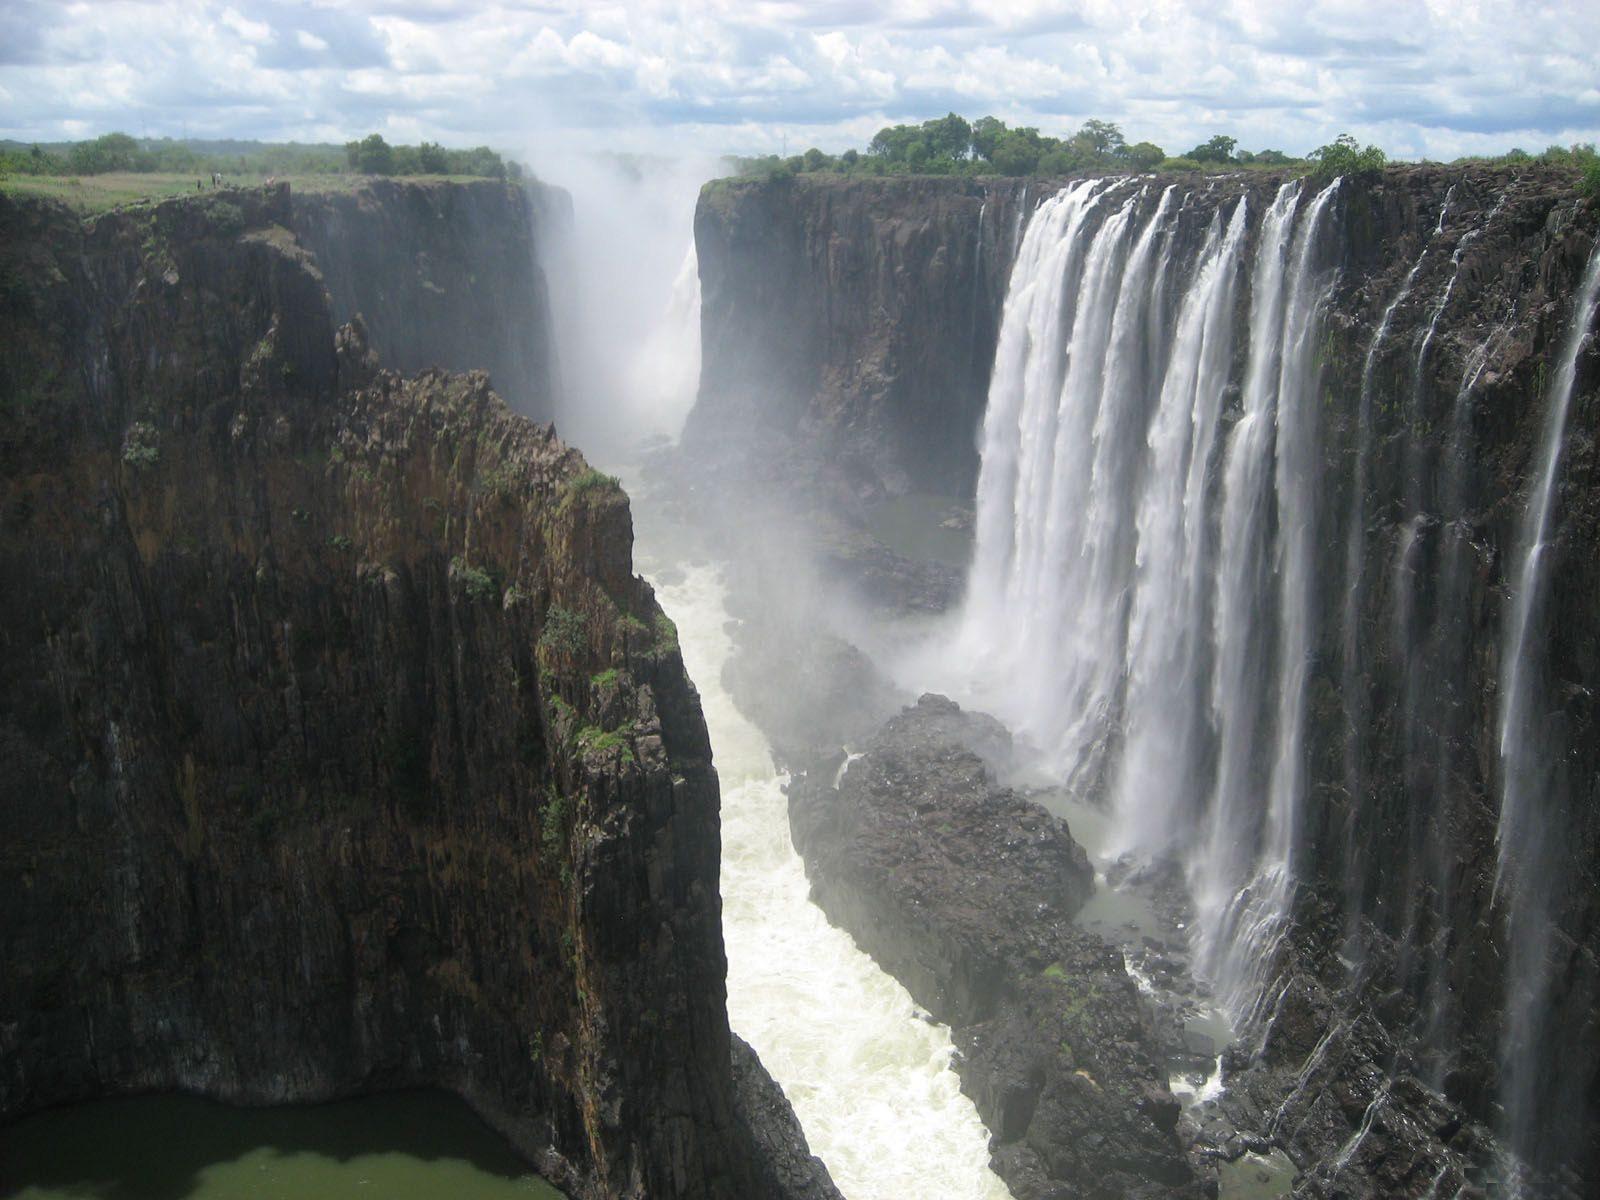 водопад Виктория, Victoria falls